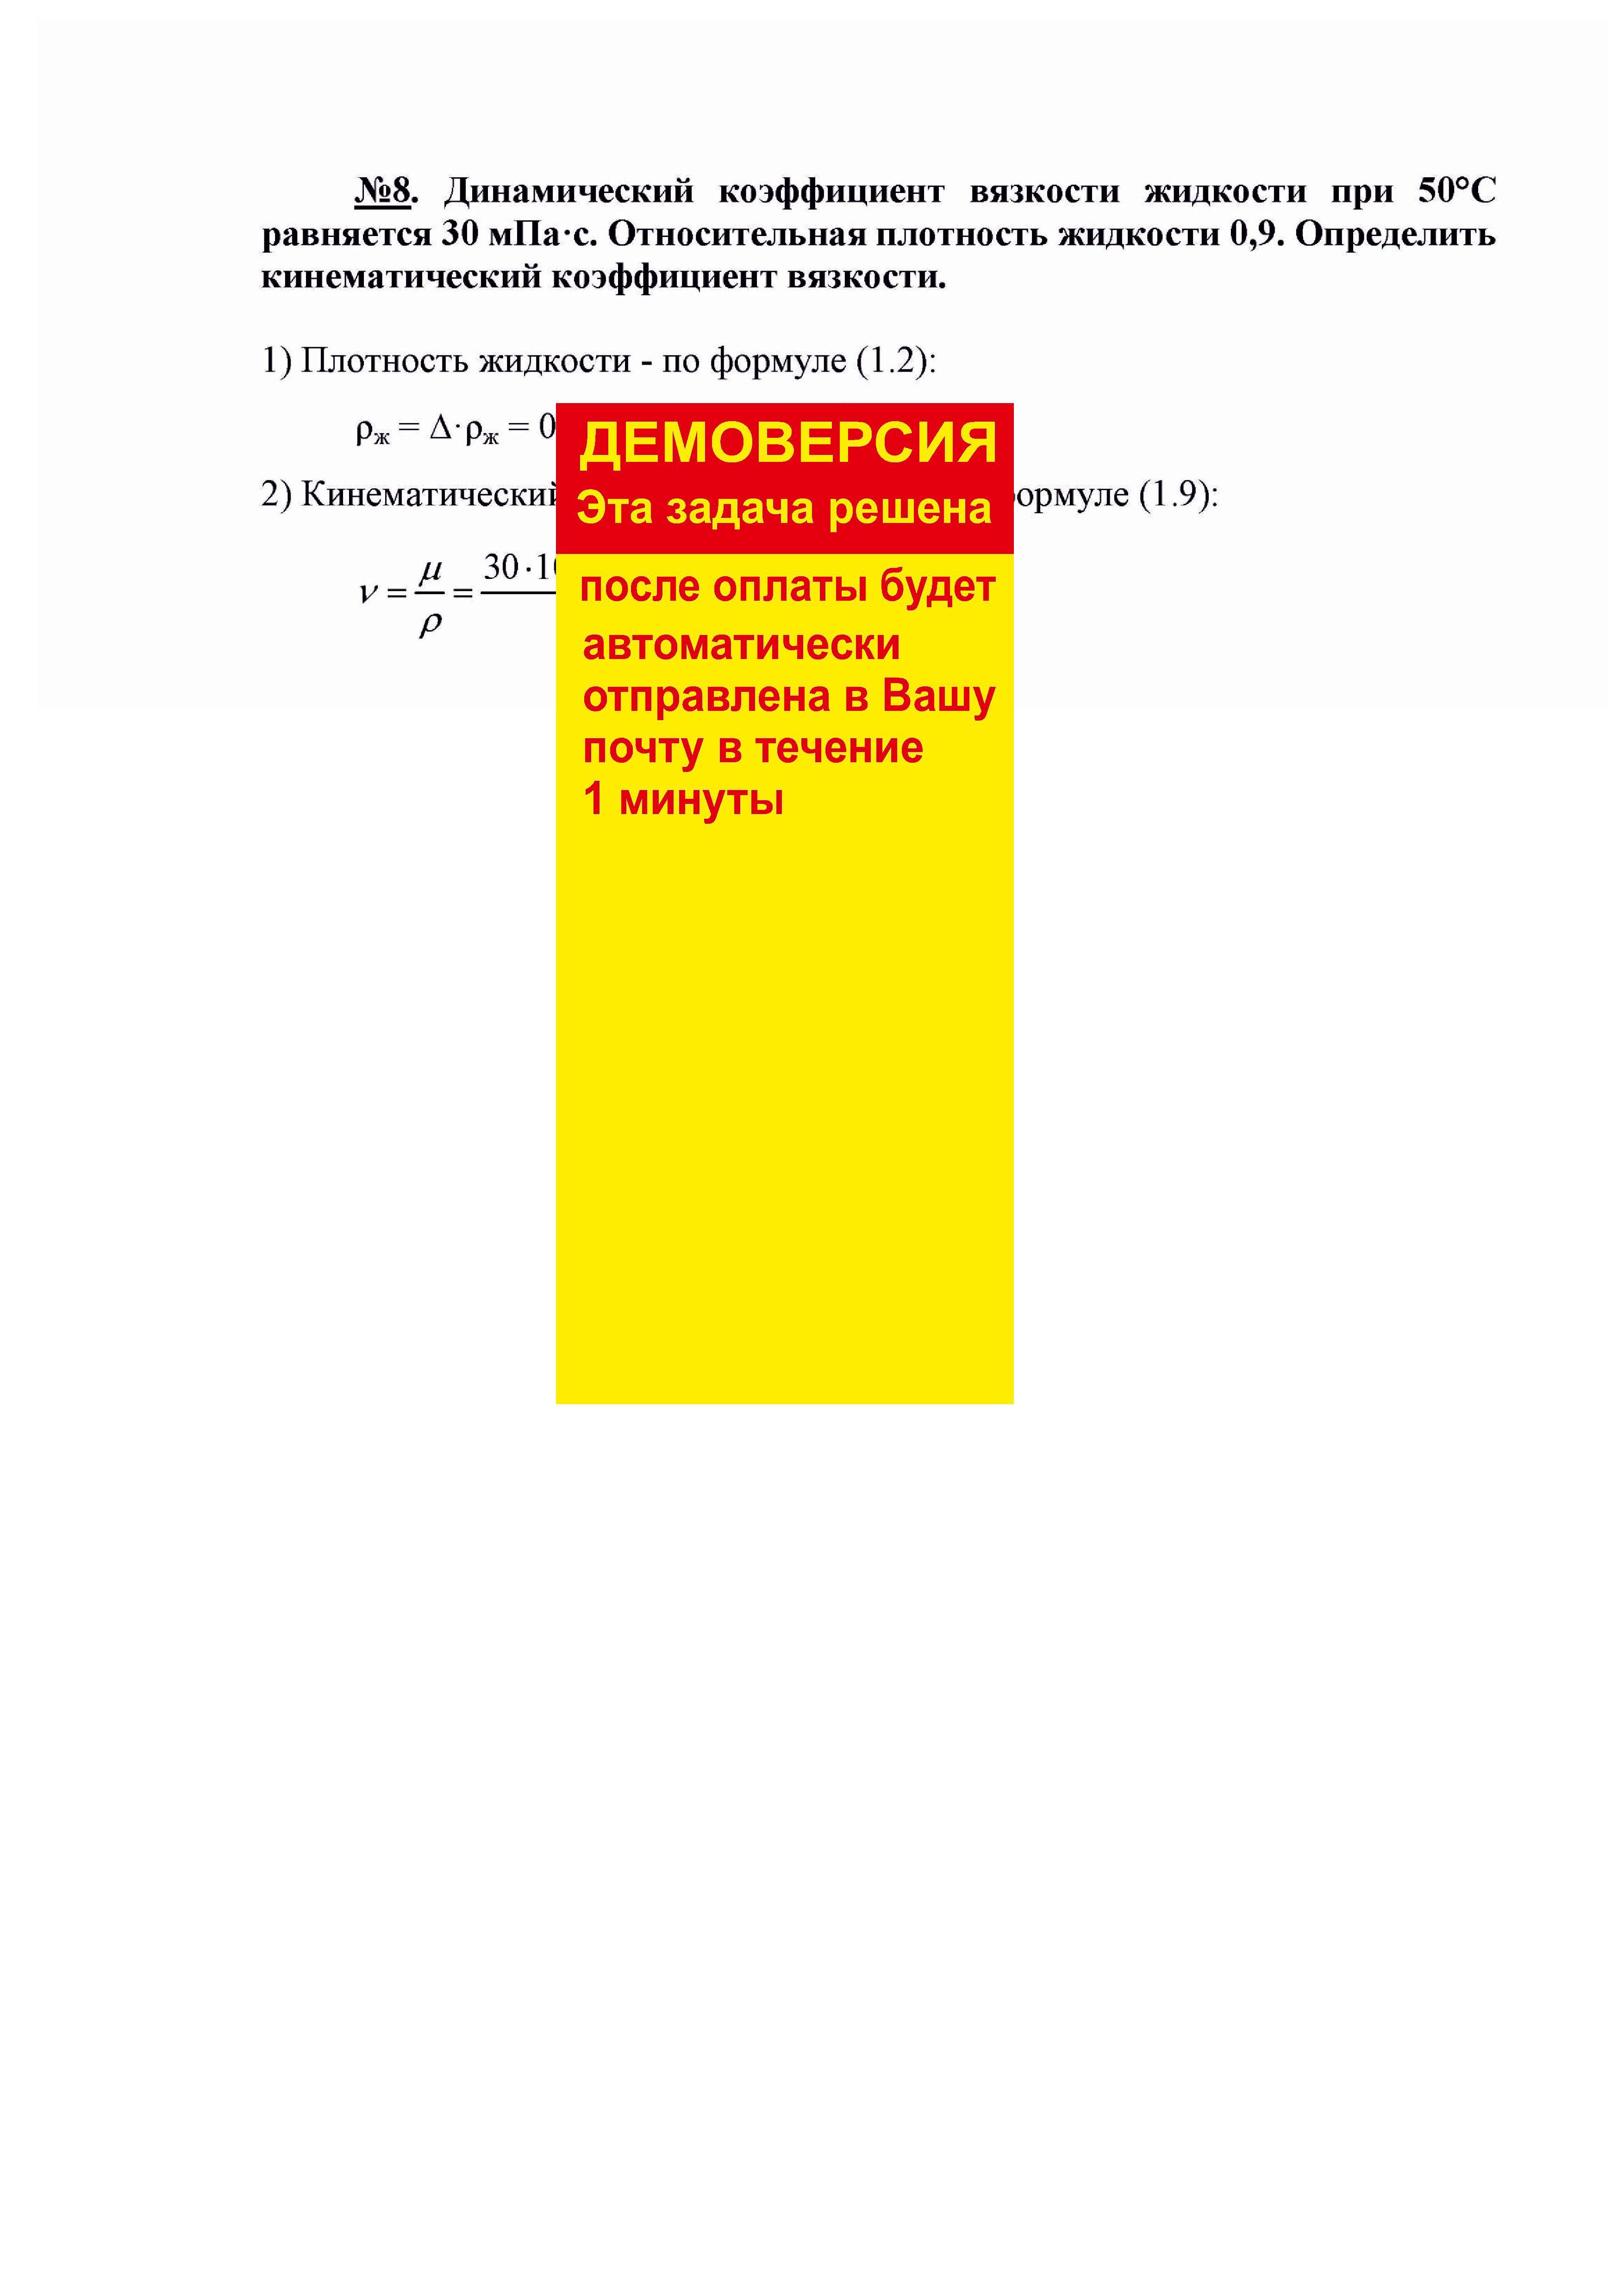 Решение задачи 1.8 по ПАХТ из задачника Павлова Романкова Носкова